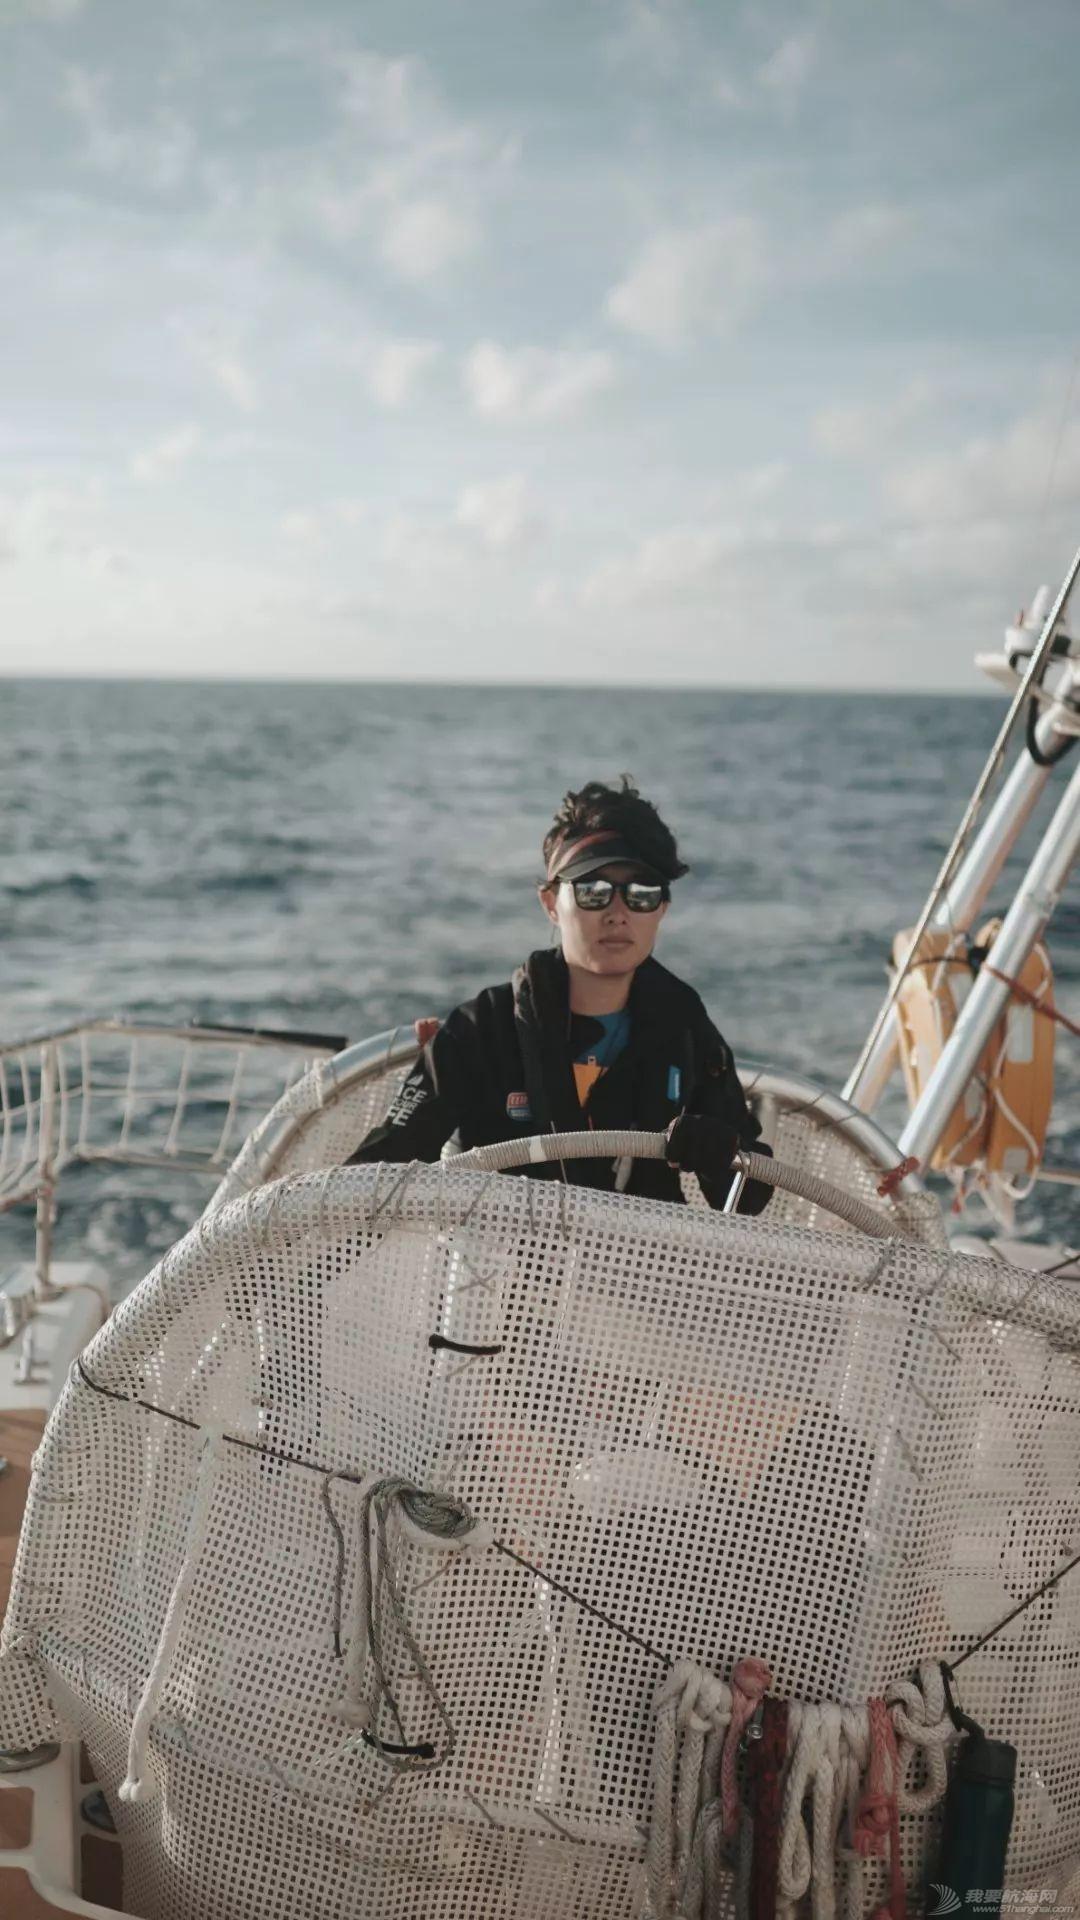 水手日记 | 航海什么挑战最大?晕船!w6.jpg